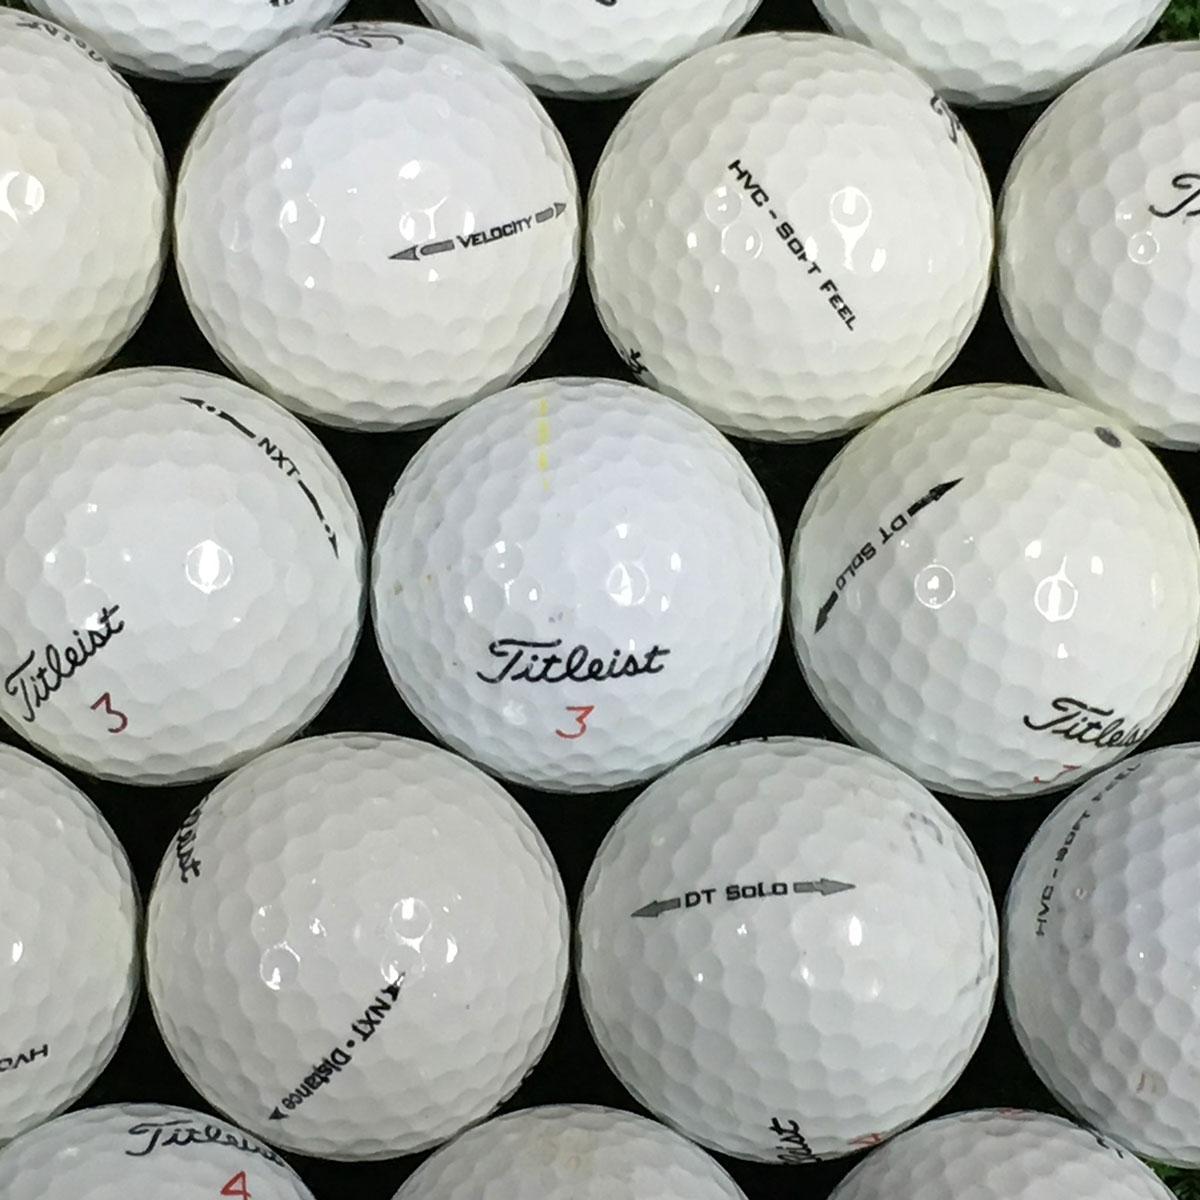 ロストボール Lost Ball タイトリスト 銘柄混合 練習用ボール 500個セット[ロストボール Lost Ball ゴルフ用品 GOLF GDO ボール ゴルフボール プレゼント ギフト 通販 ]